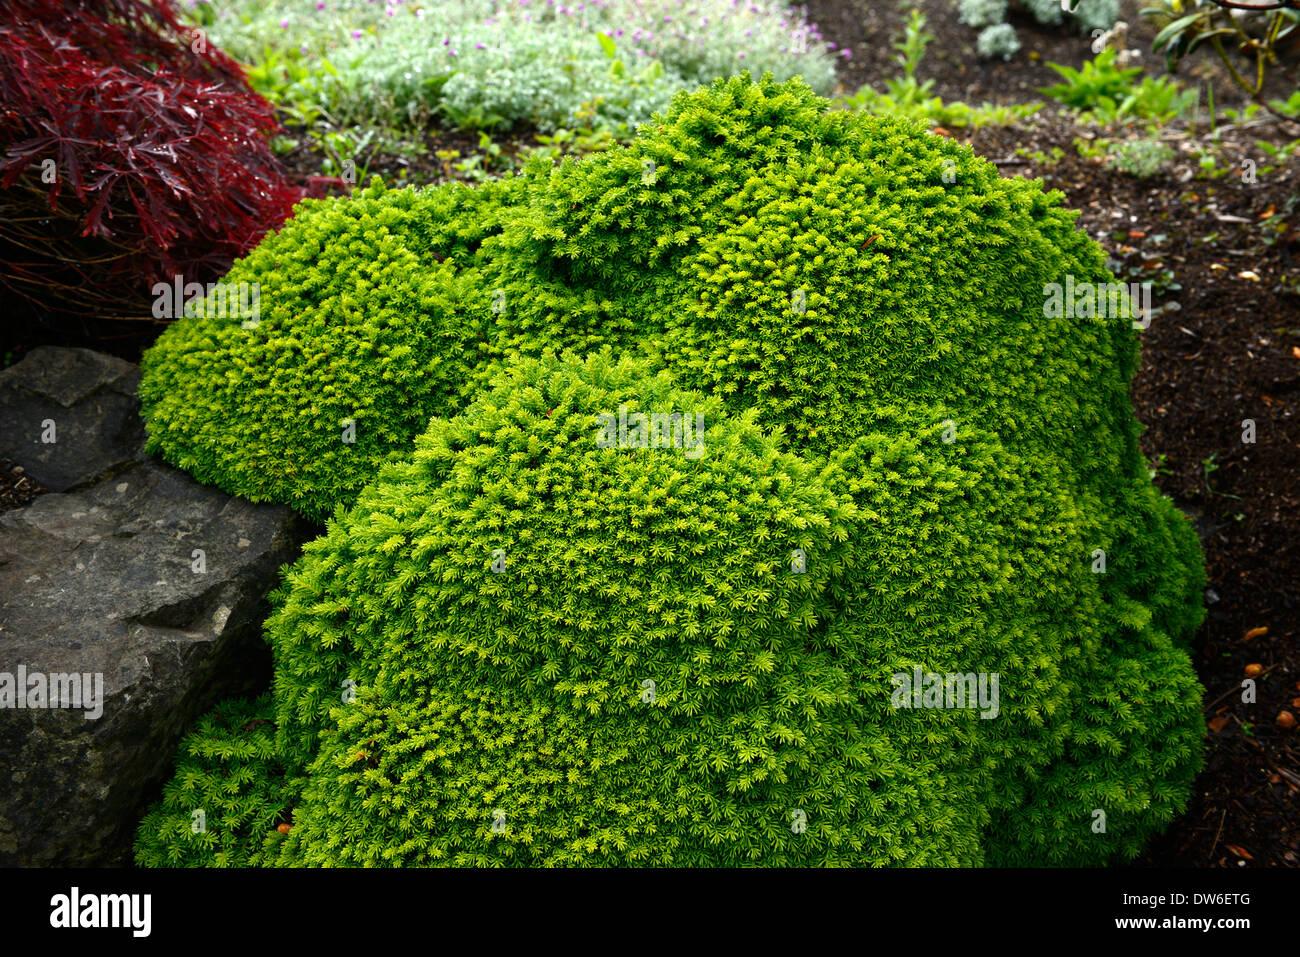 https www alamyimages fr picea abies petit bijou nain coniferes plante compacte a feuillage vert portraits aiguilles feuilles couvre sol couvre sol a feuillage persistant image67140880 html